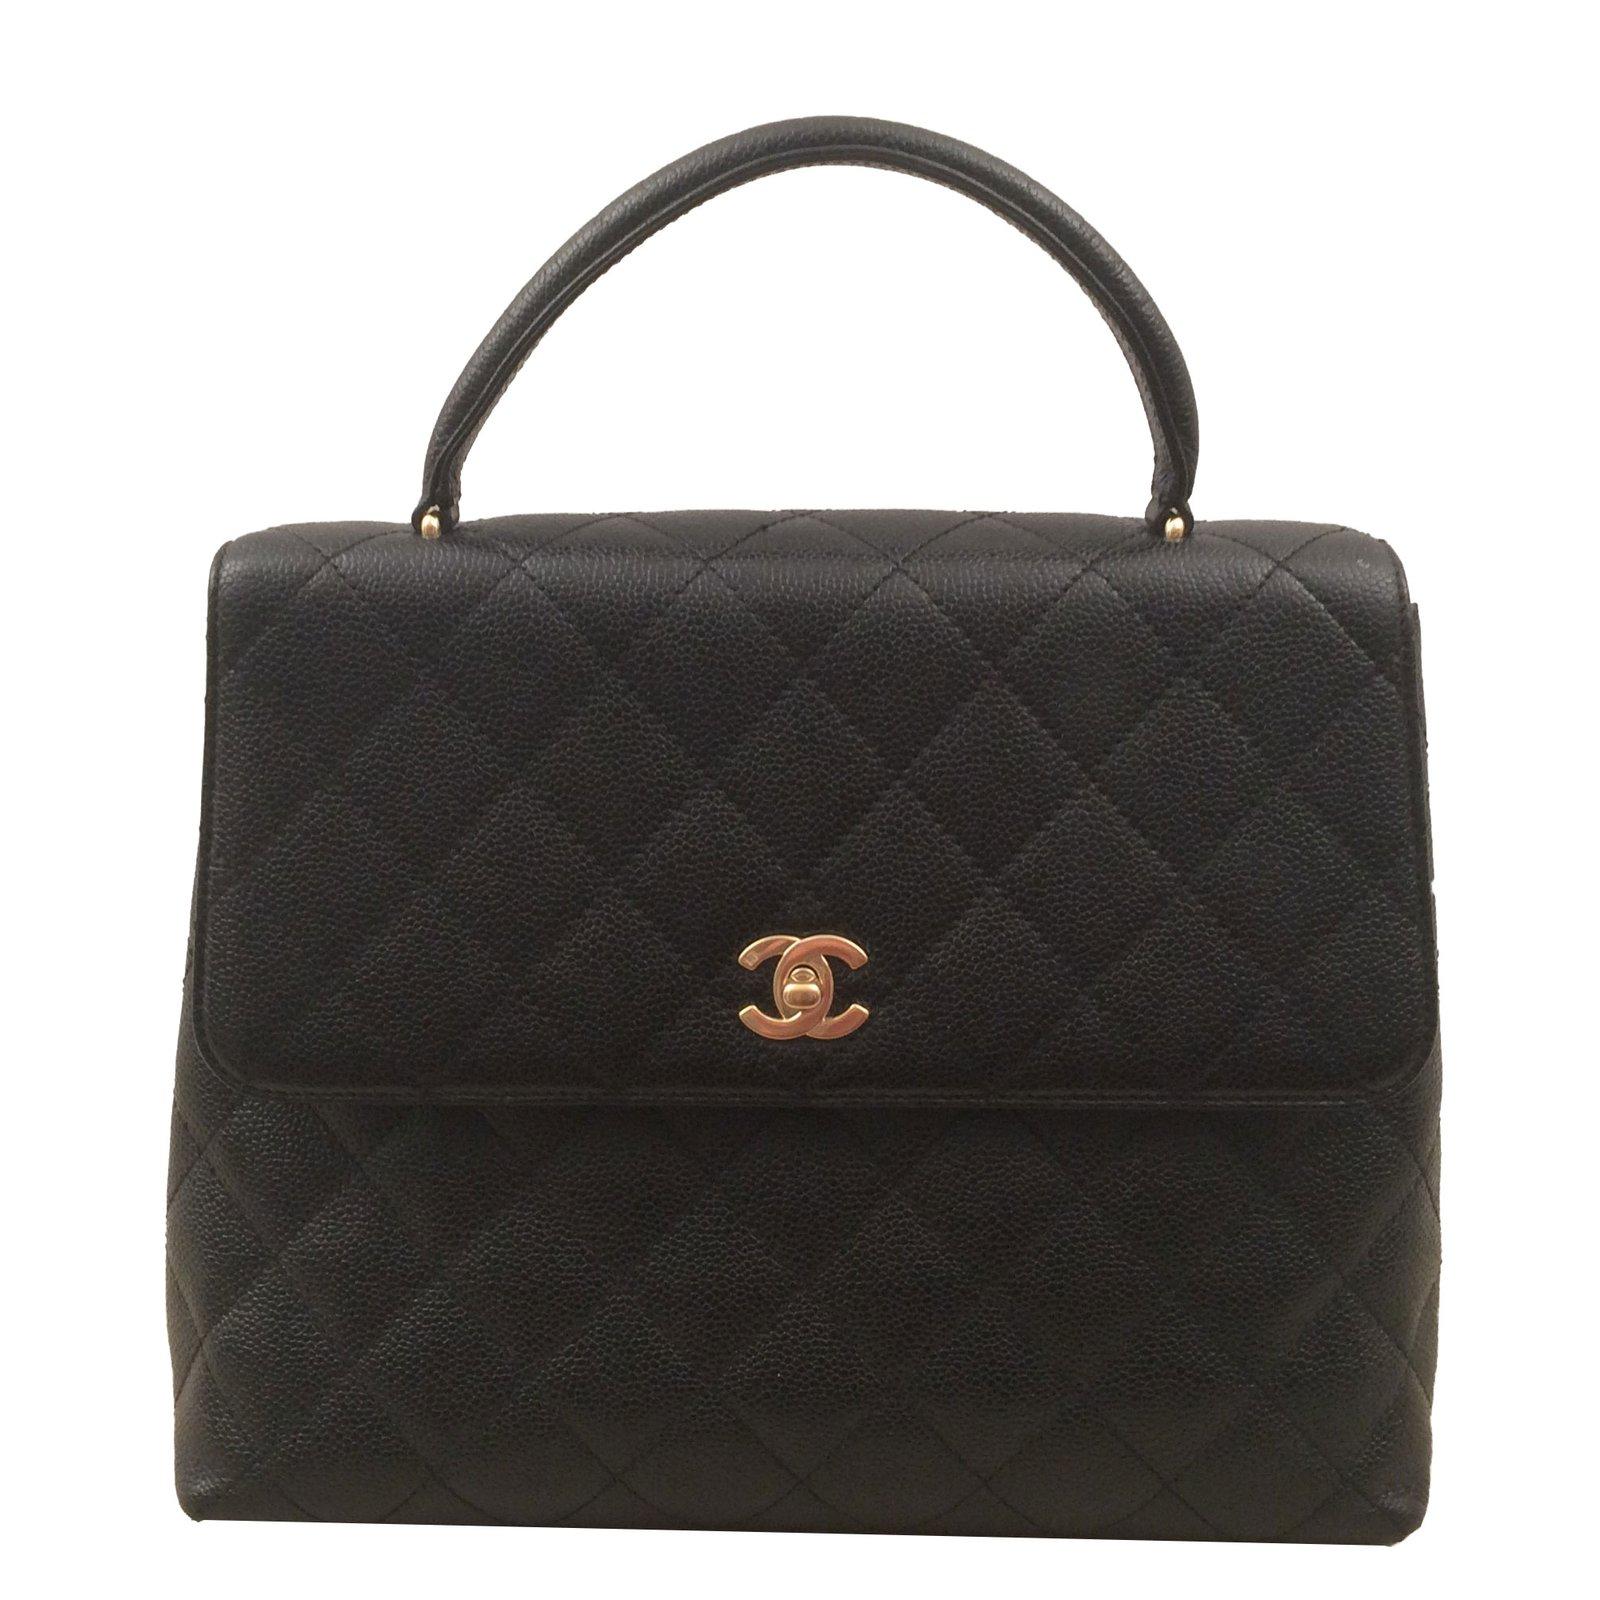 845ed79c58b4 Sacs à main Chanel Sac Chanel Mademoiselle à rabat avec Poignée cuir  d agneau Noir